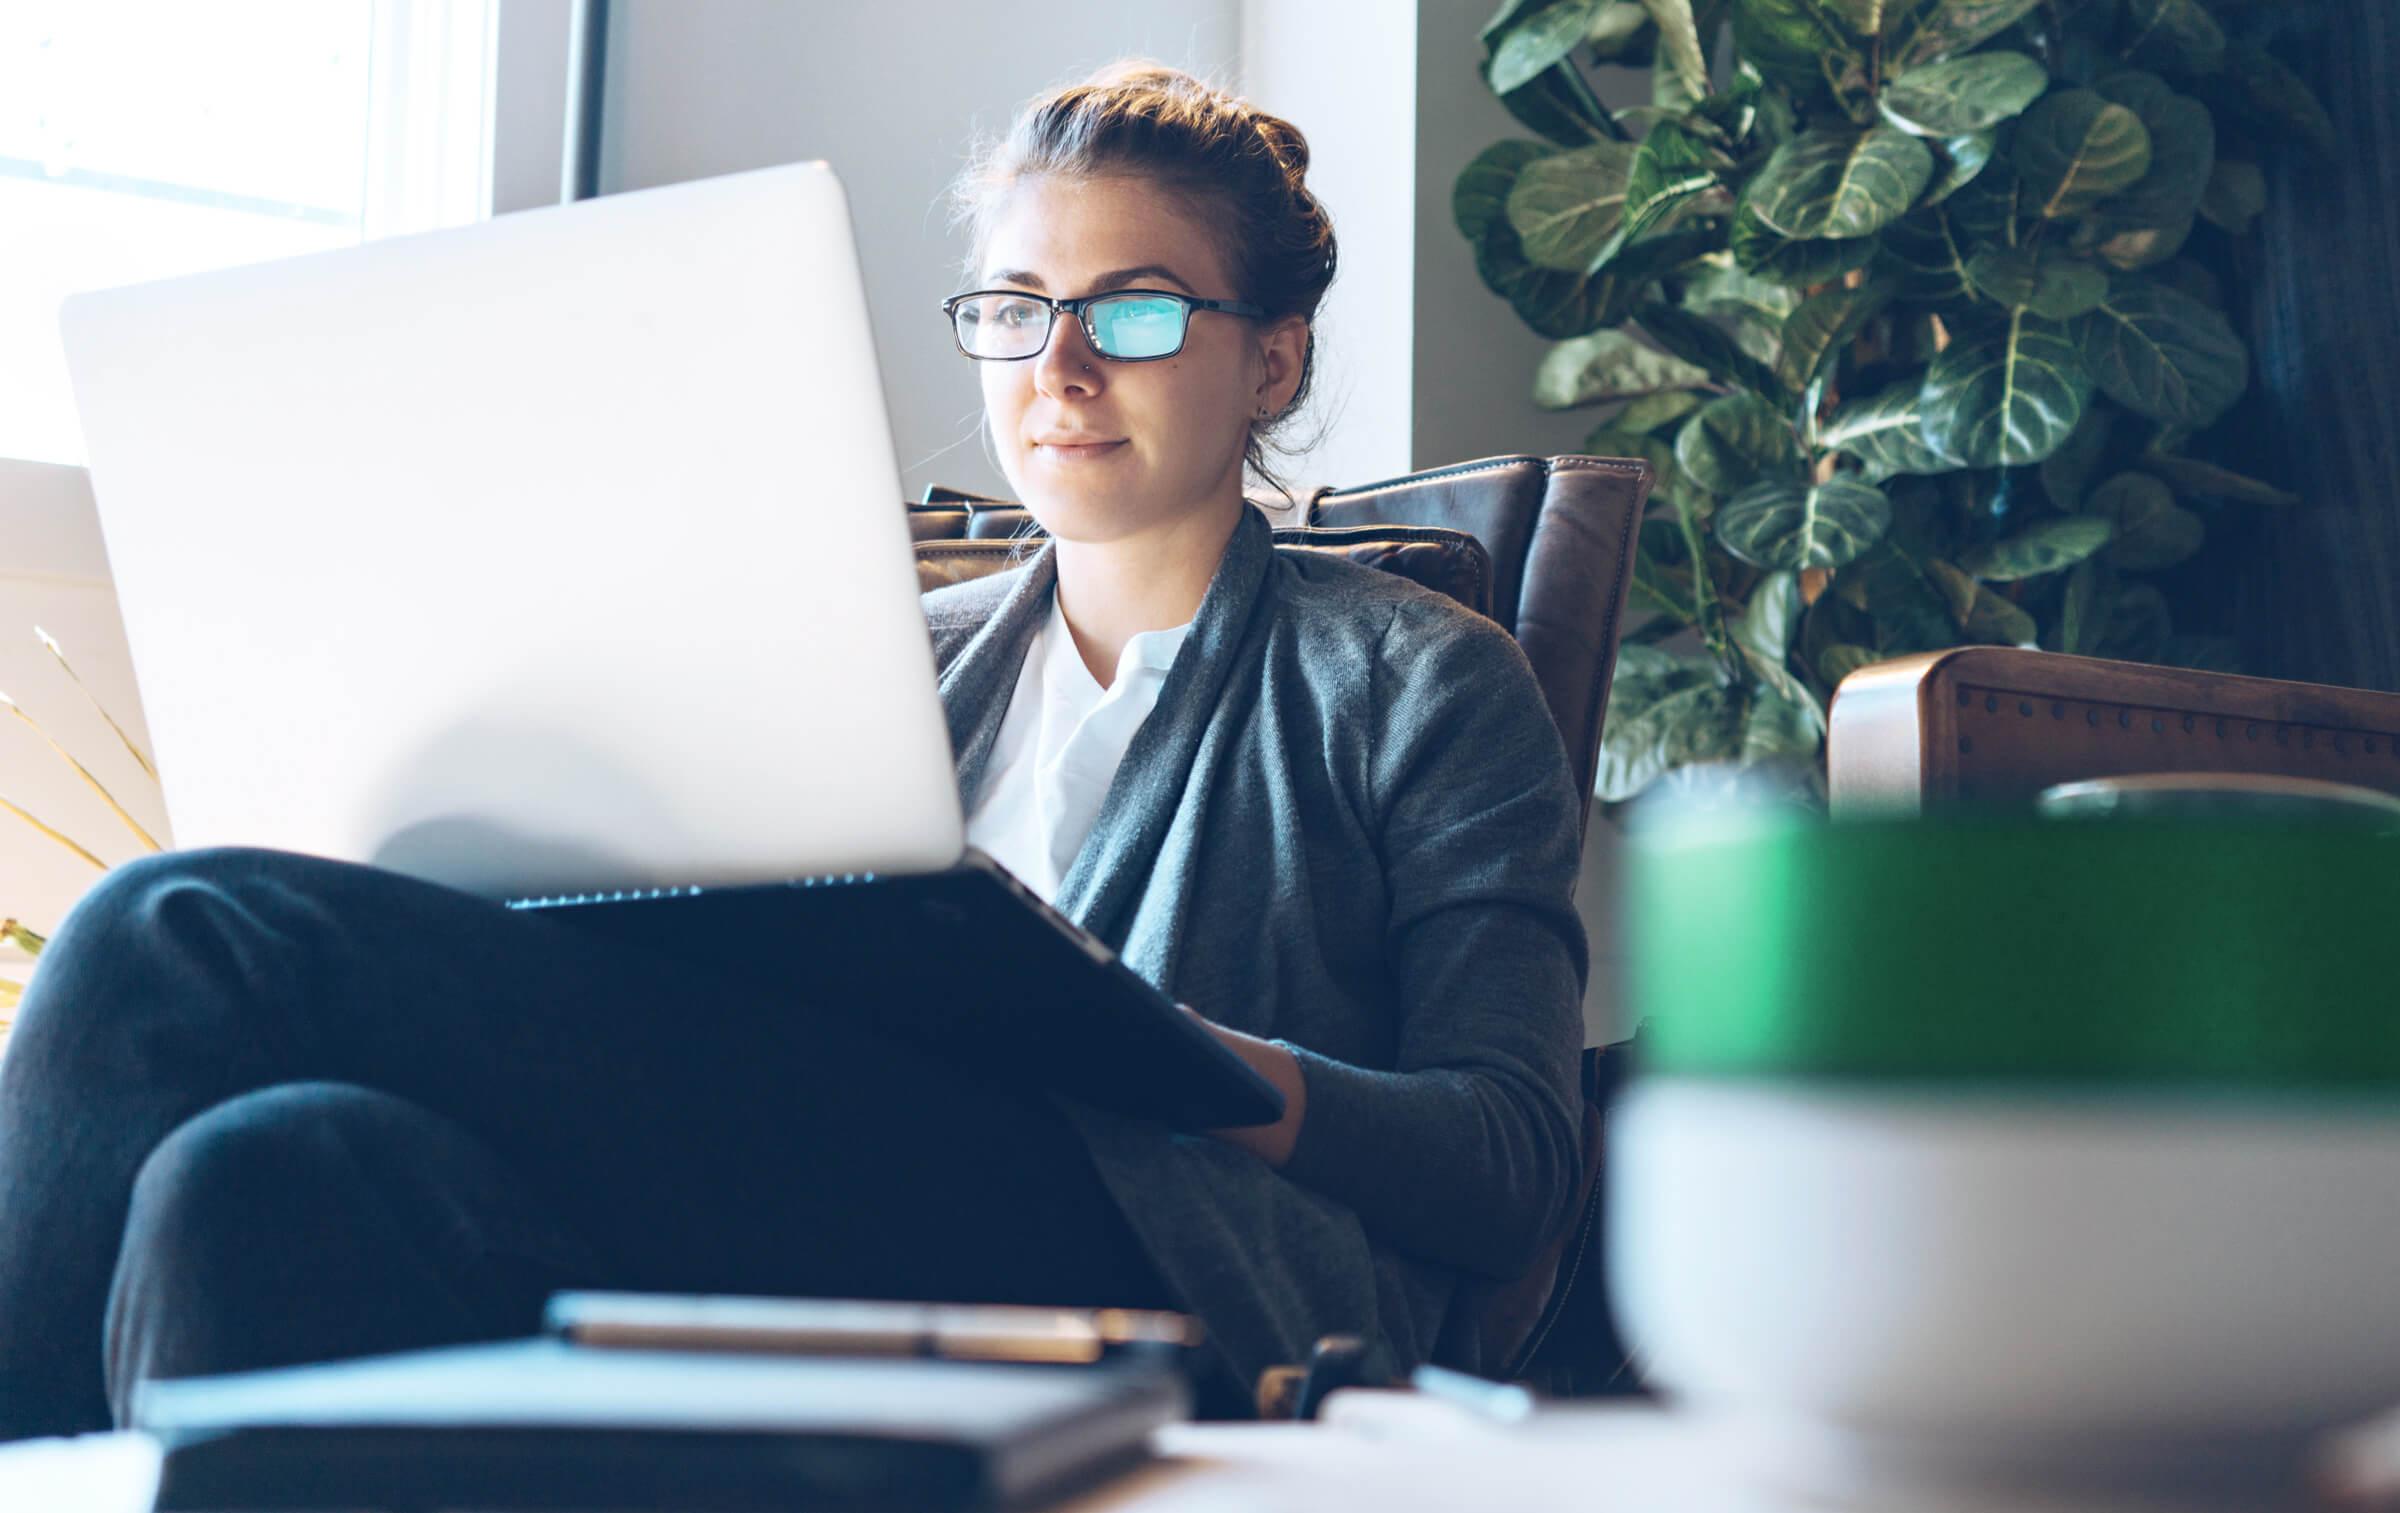 Úspěšná investorka a klientka LYNX která na svém notebooku kontroluje své investiční ETF portfolio